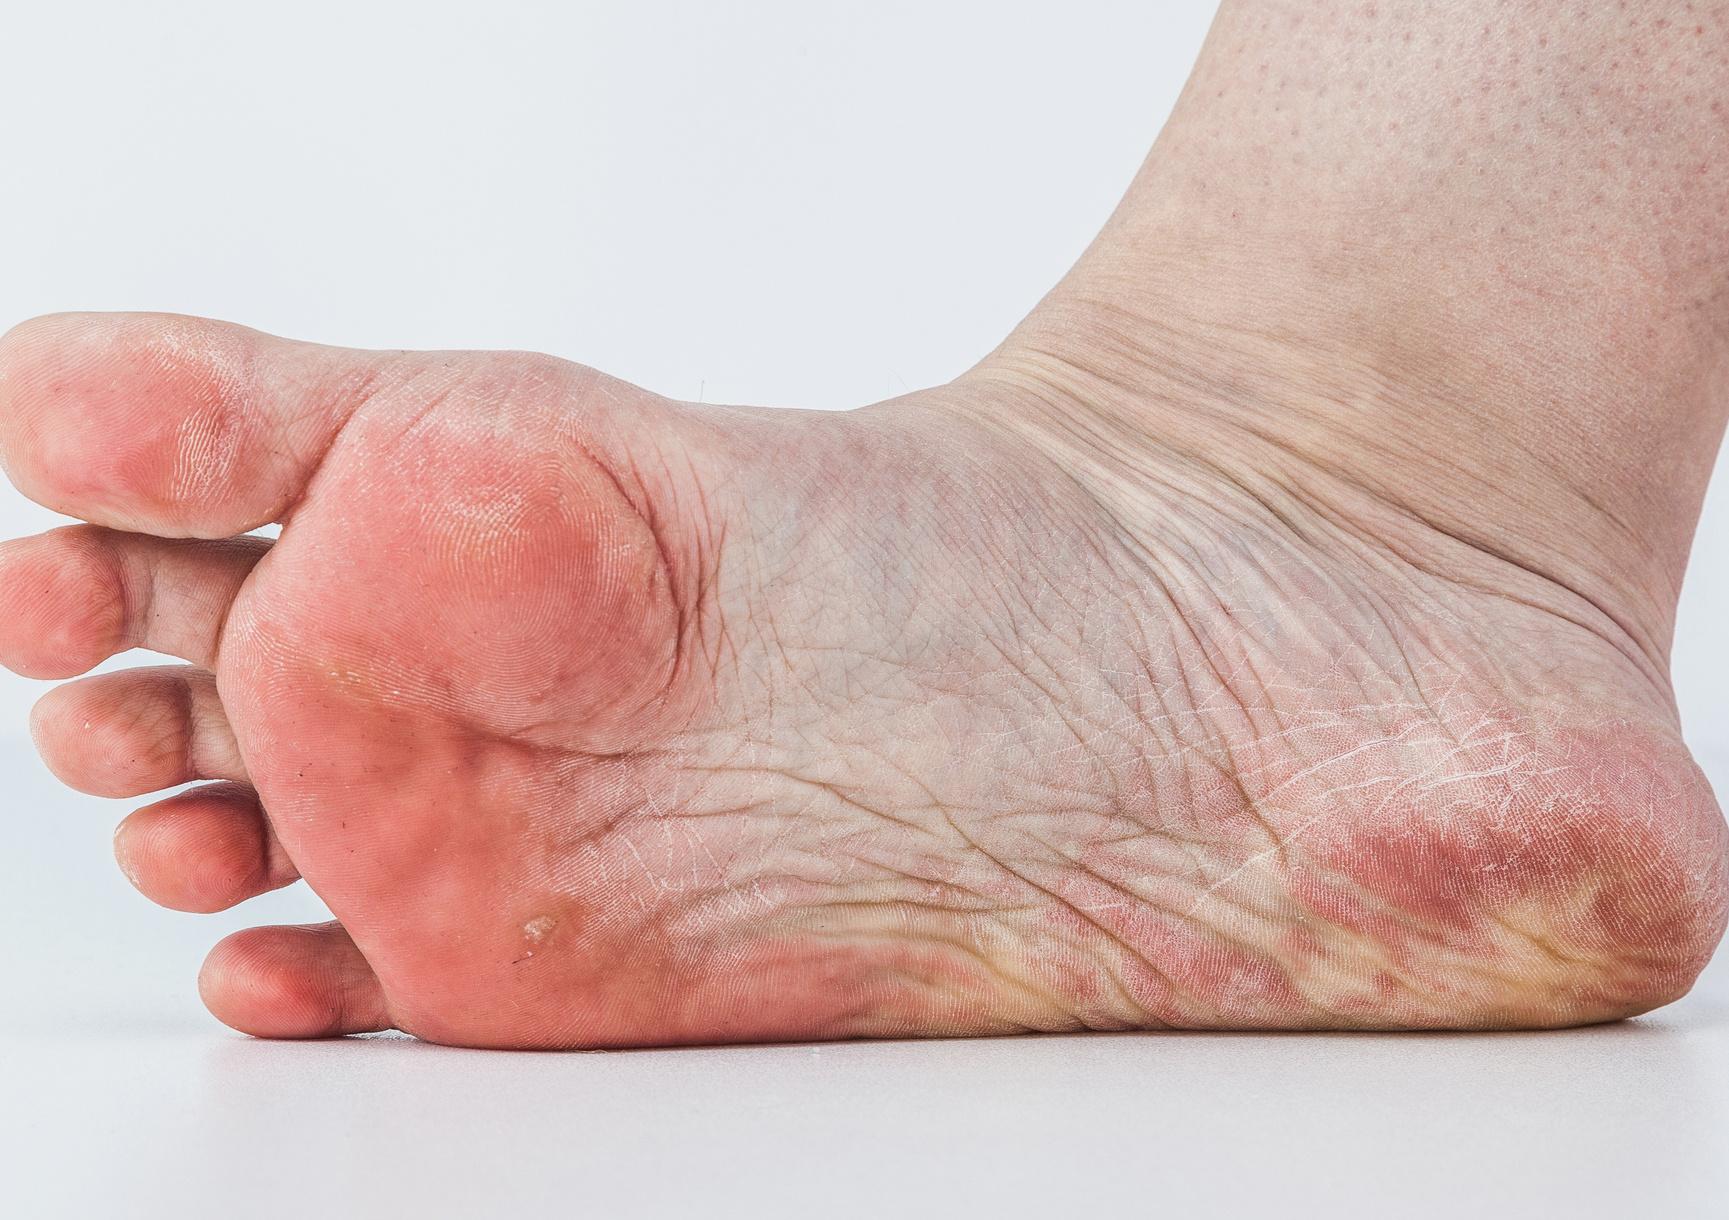 vizes vörös folt a lábán)